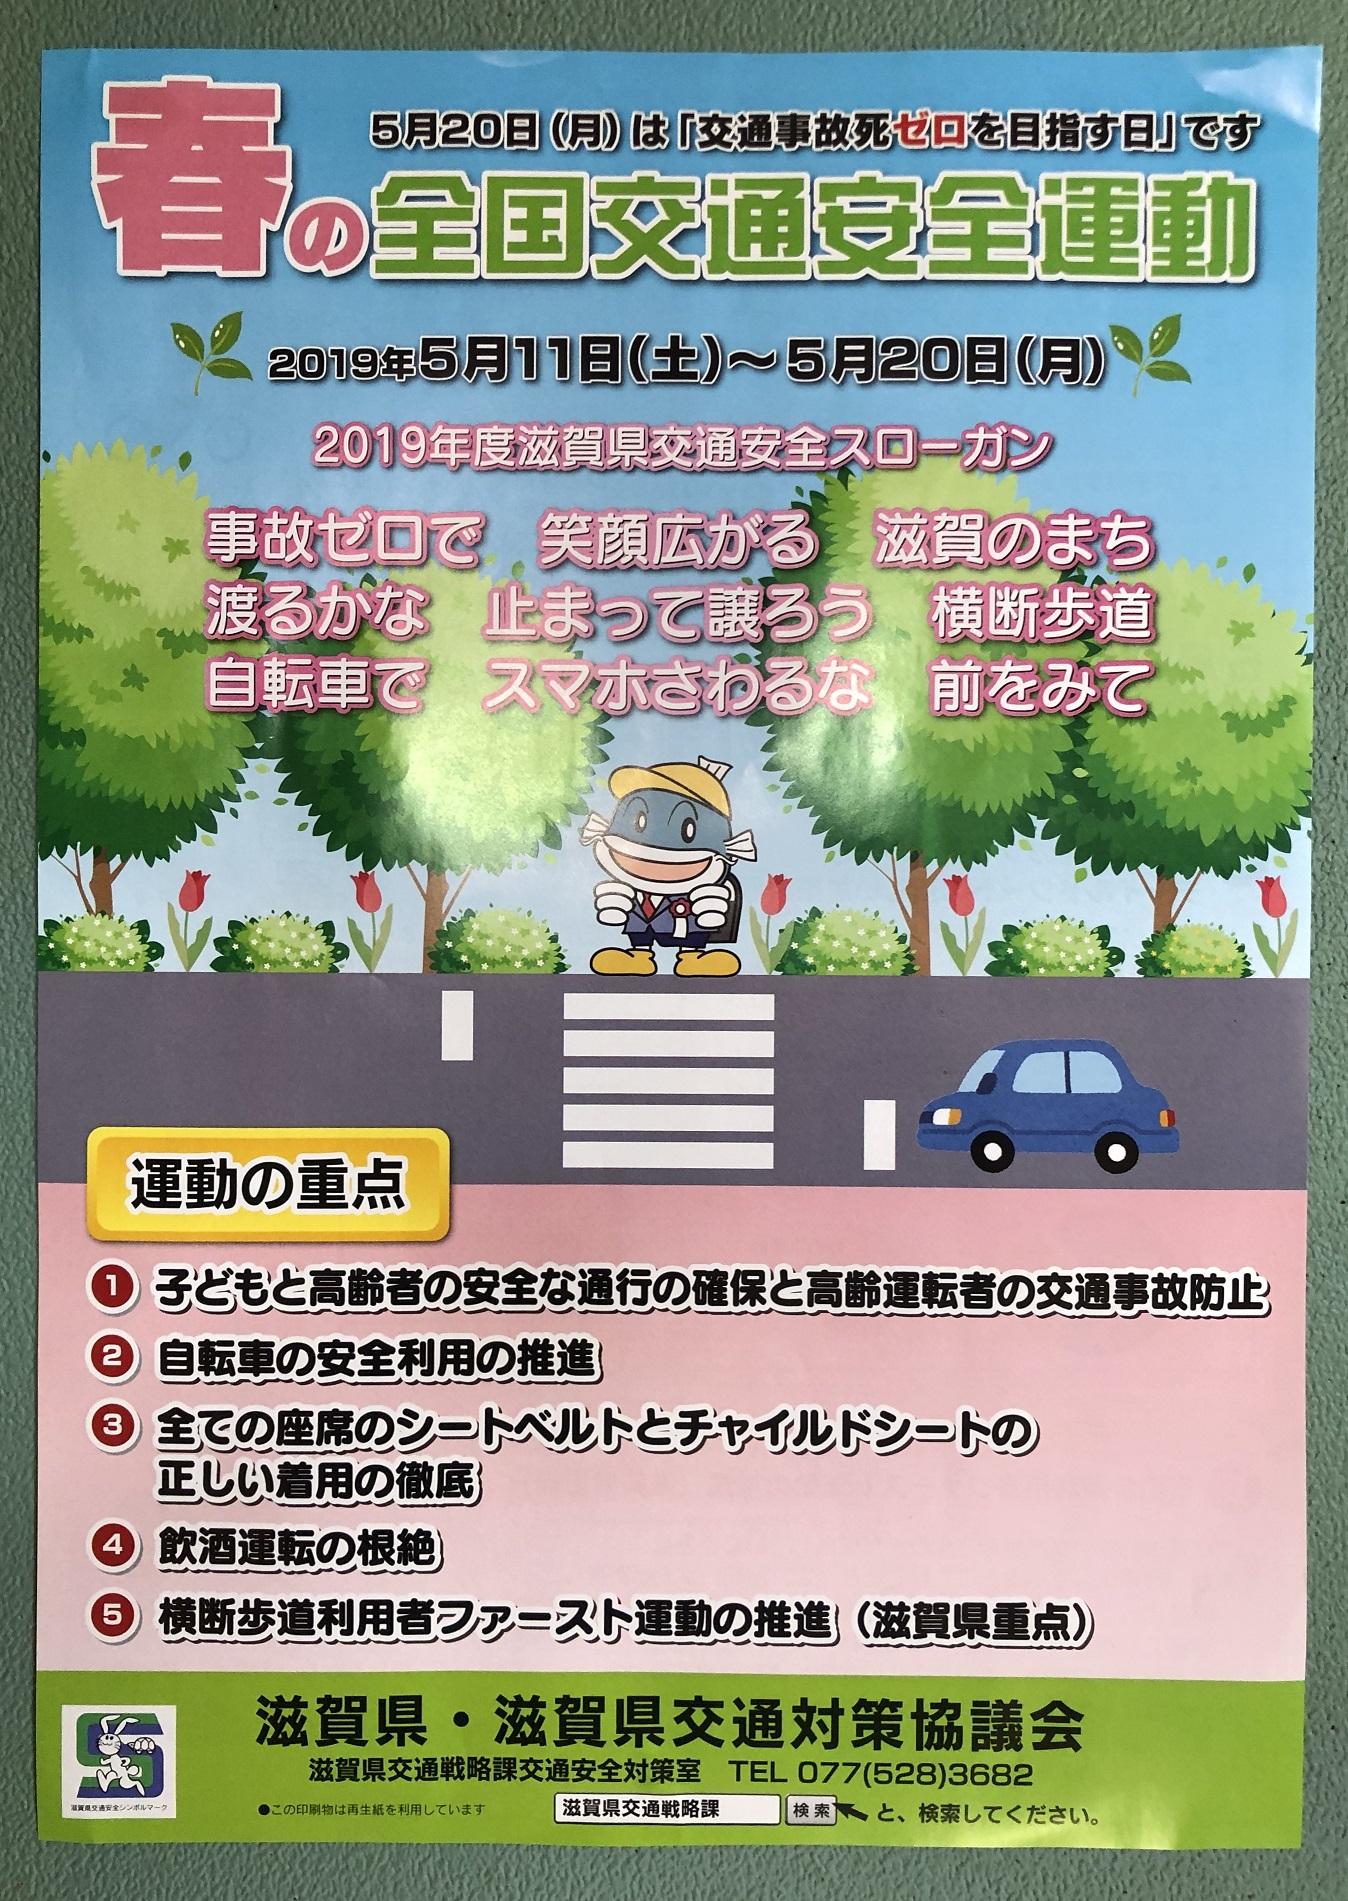 春の全国交通安全運動20190520